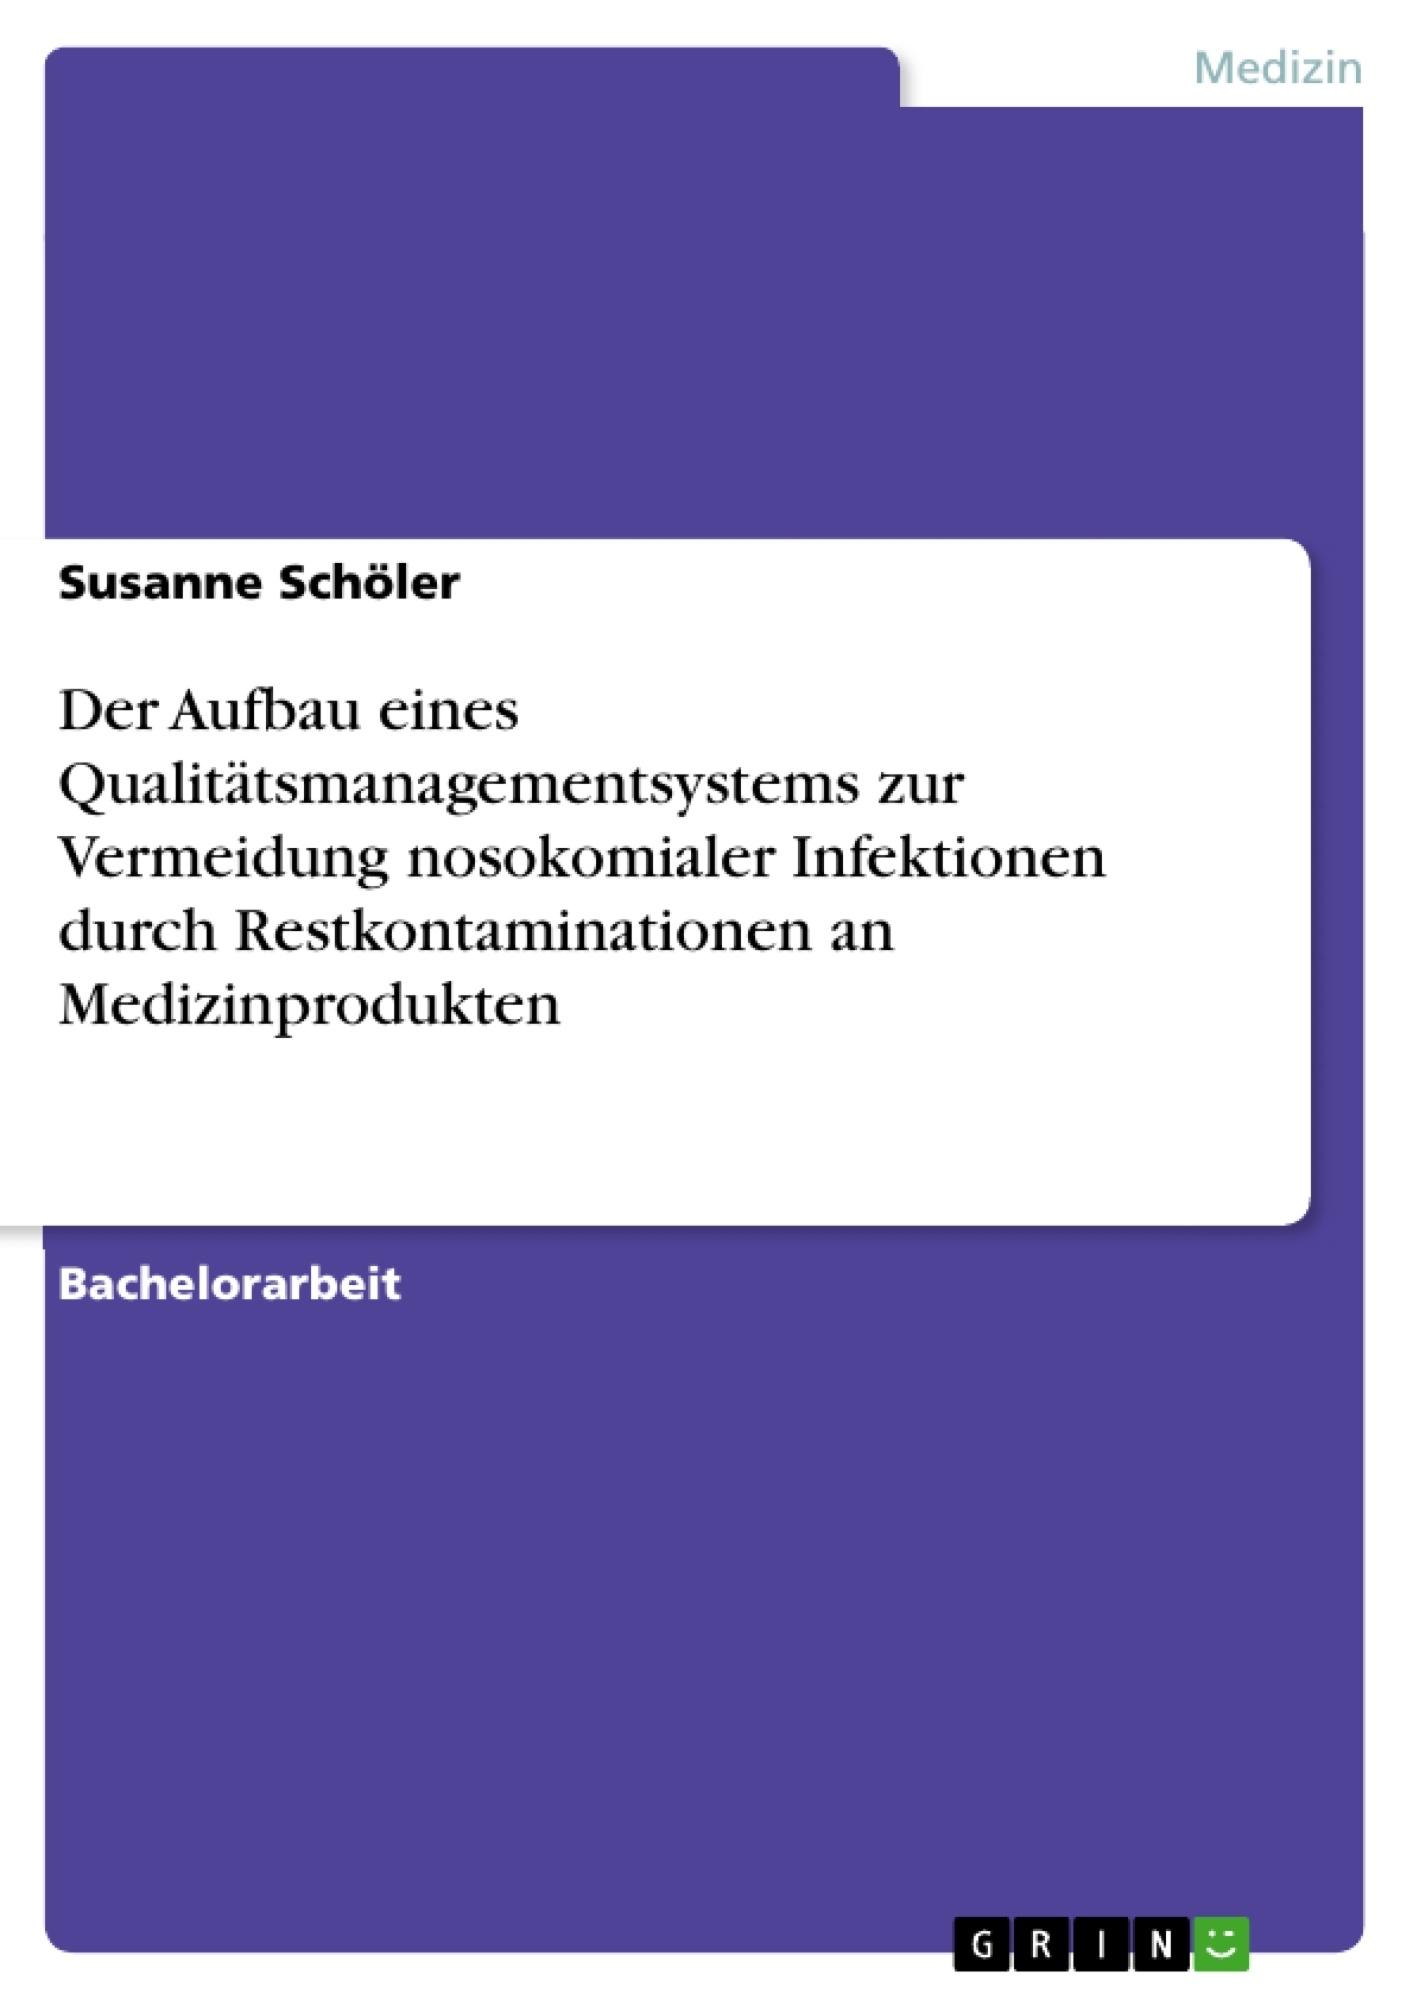 Titel: Der Aufbau eines Qualitätsmanagementsystems zur Vermeidung nosokomialer Infektionen durch Restkontaminationen an Medizinprodukten